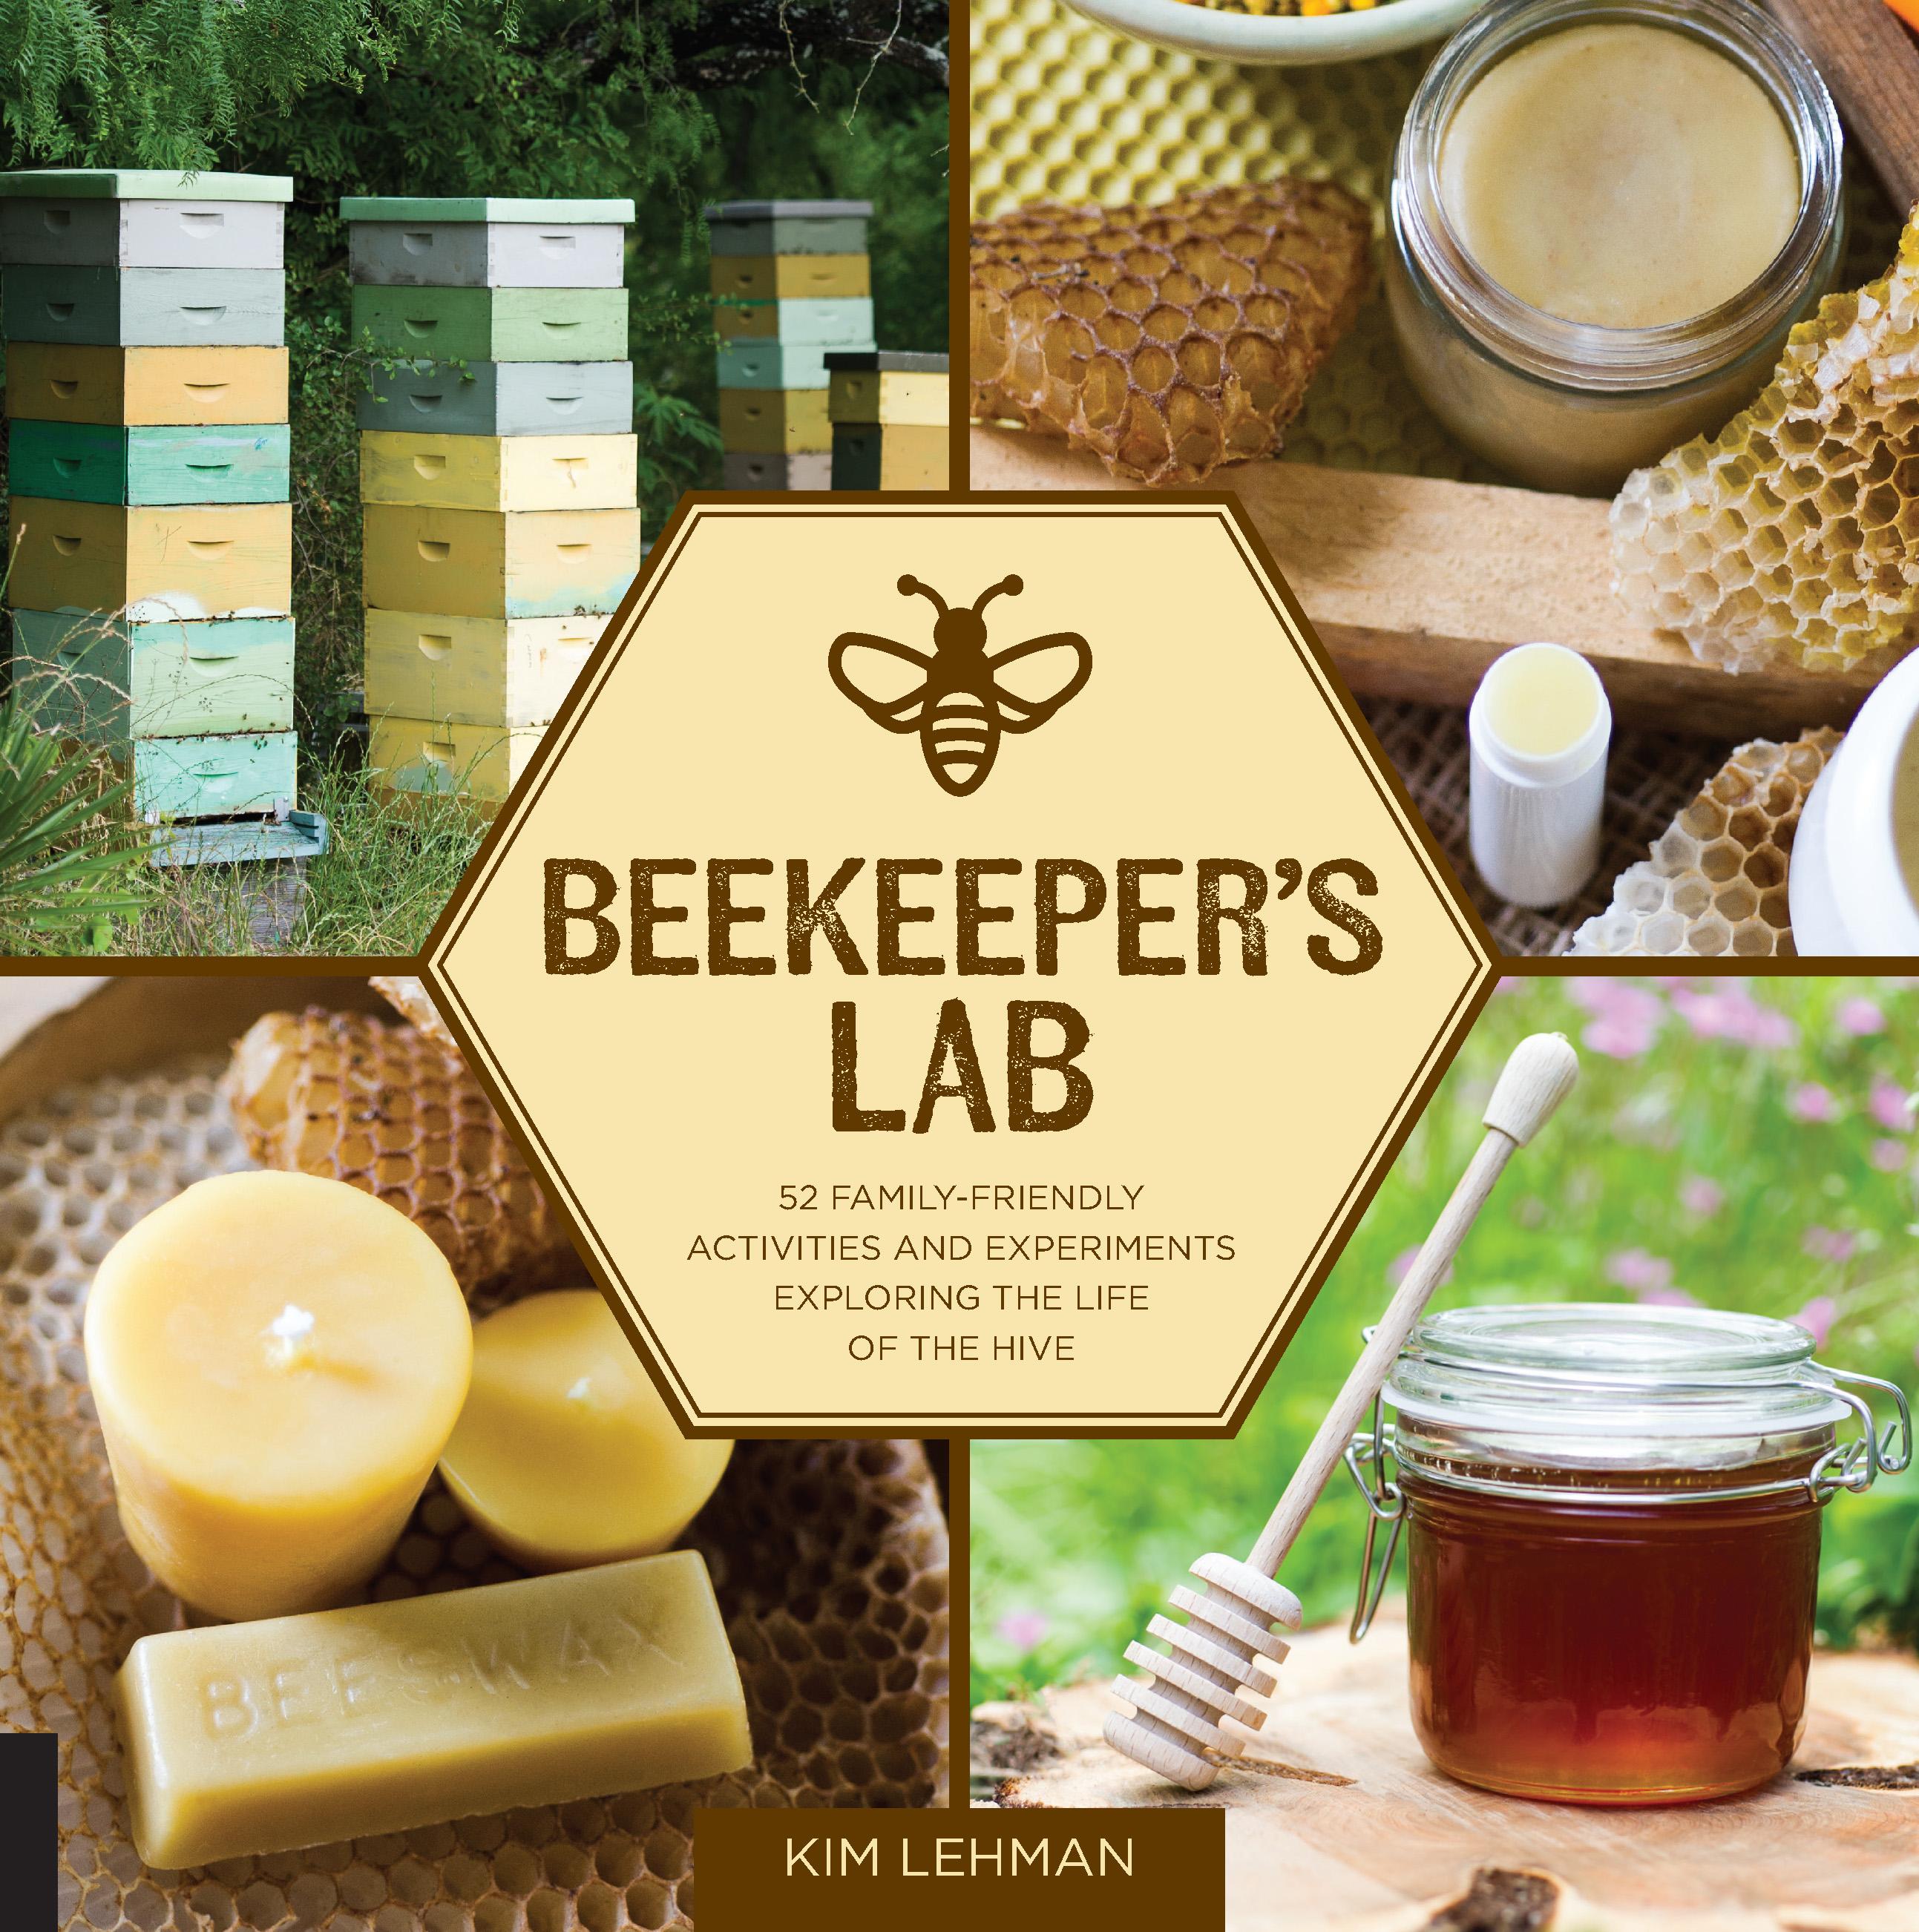 Beekeeping Activities